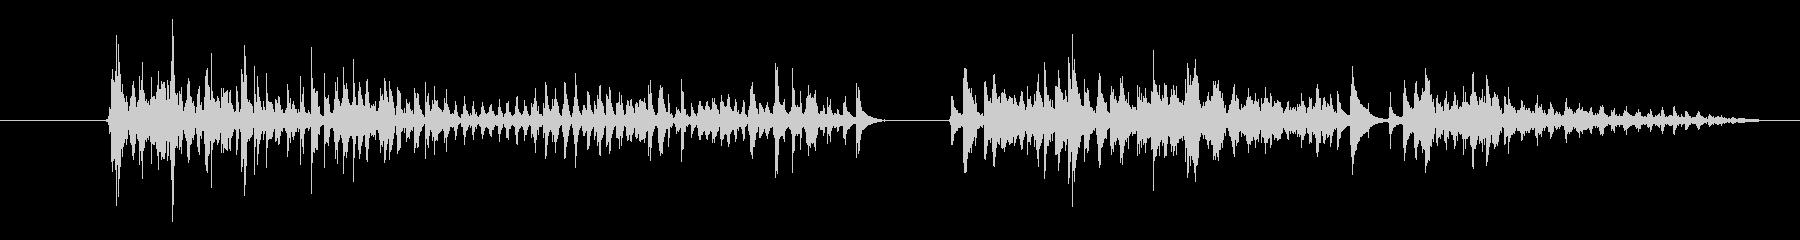 モンスター 窒息ゾンビ08の未再生の波形